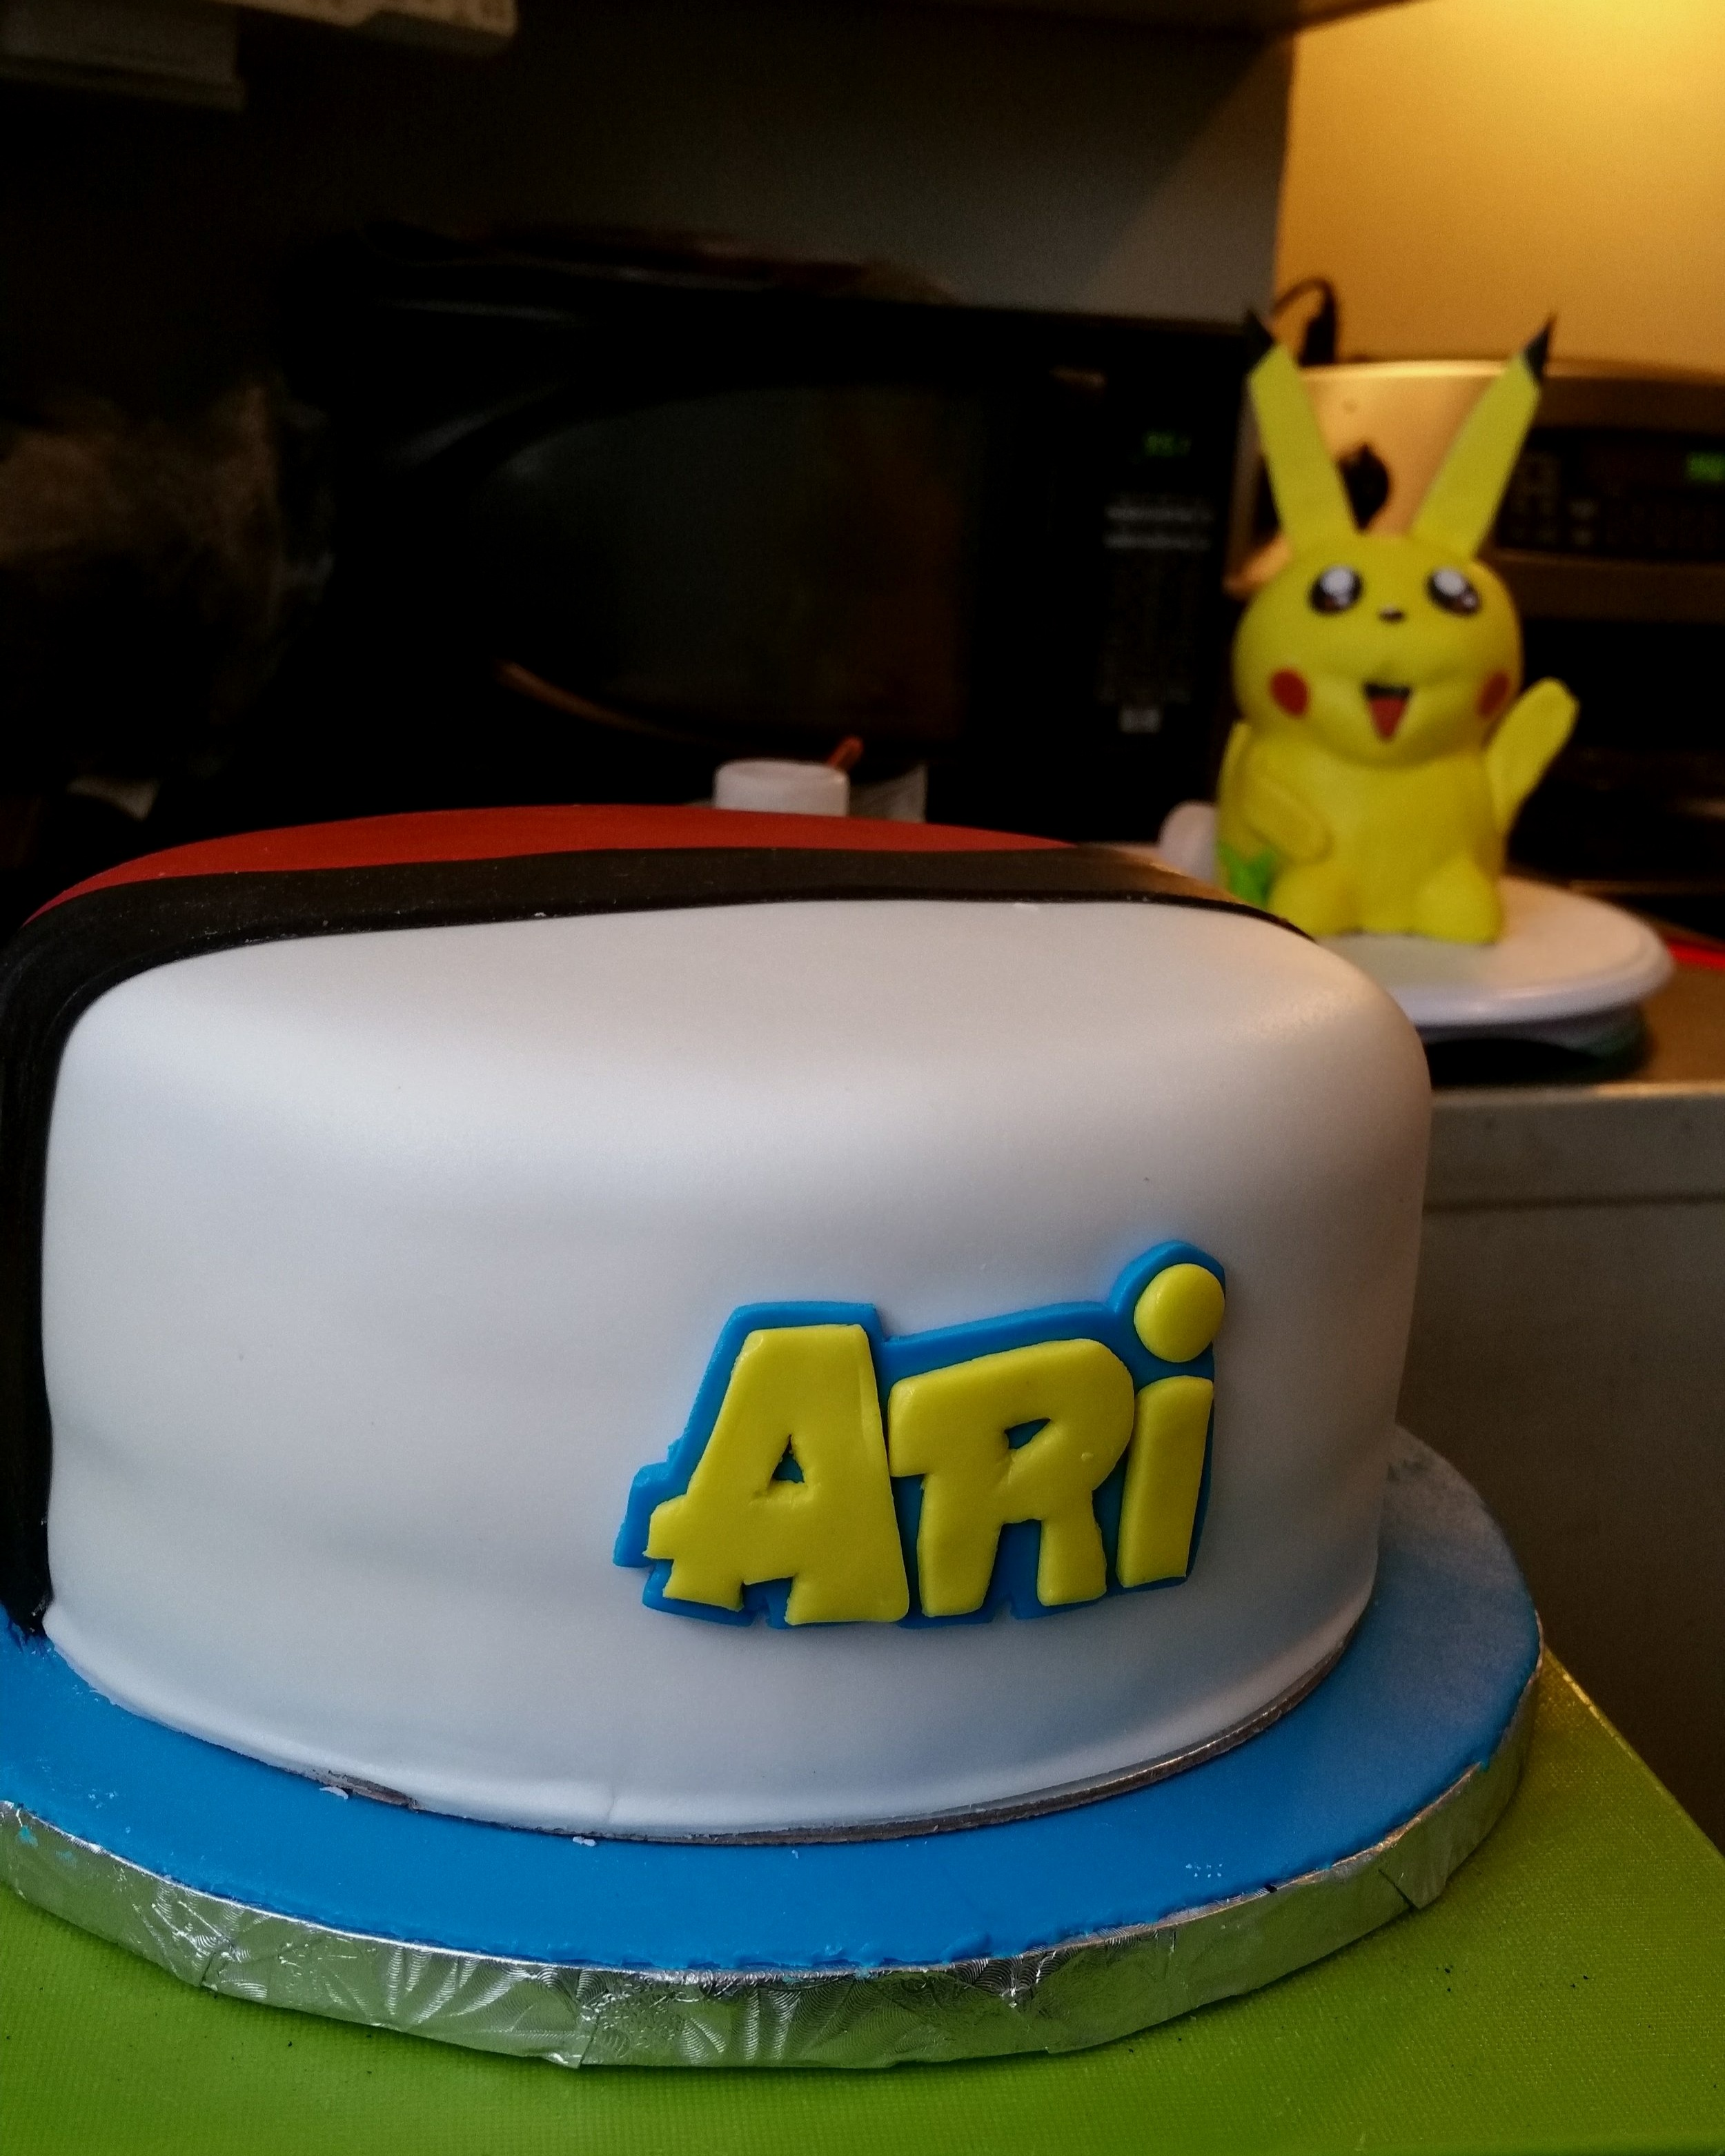 pokiemon cake